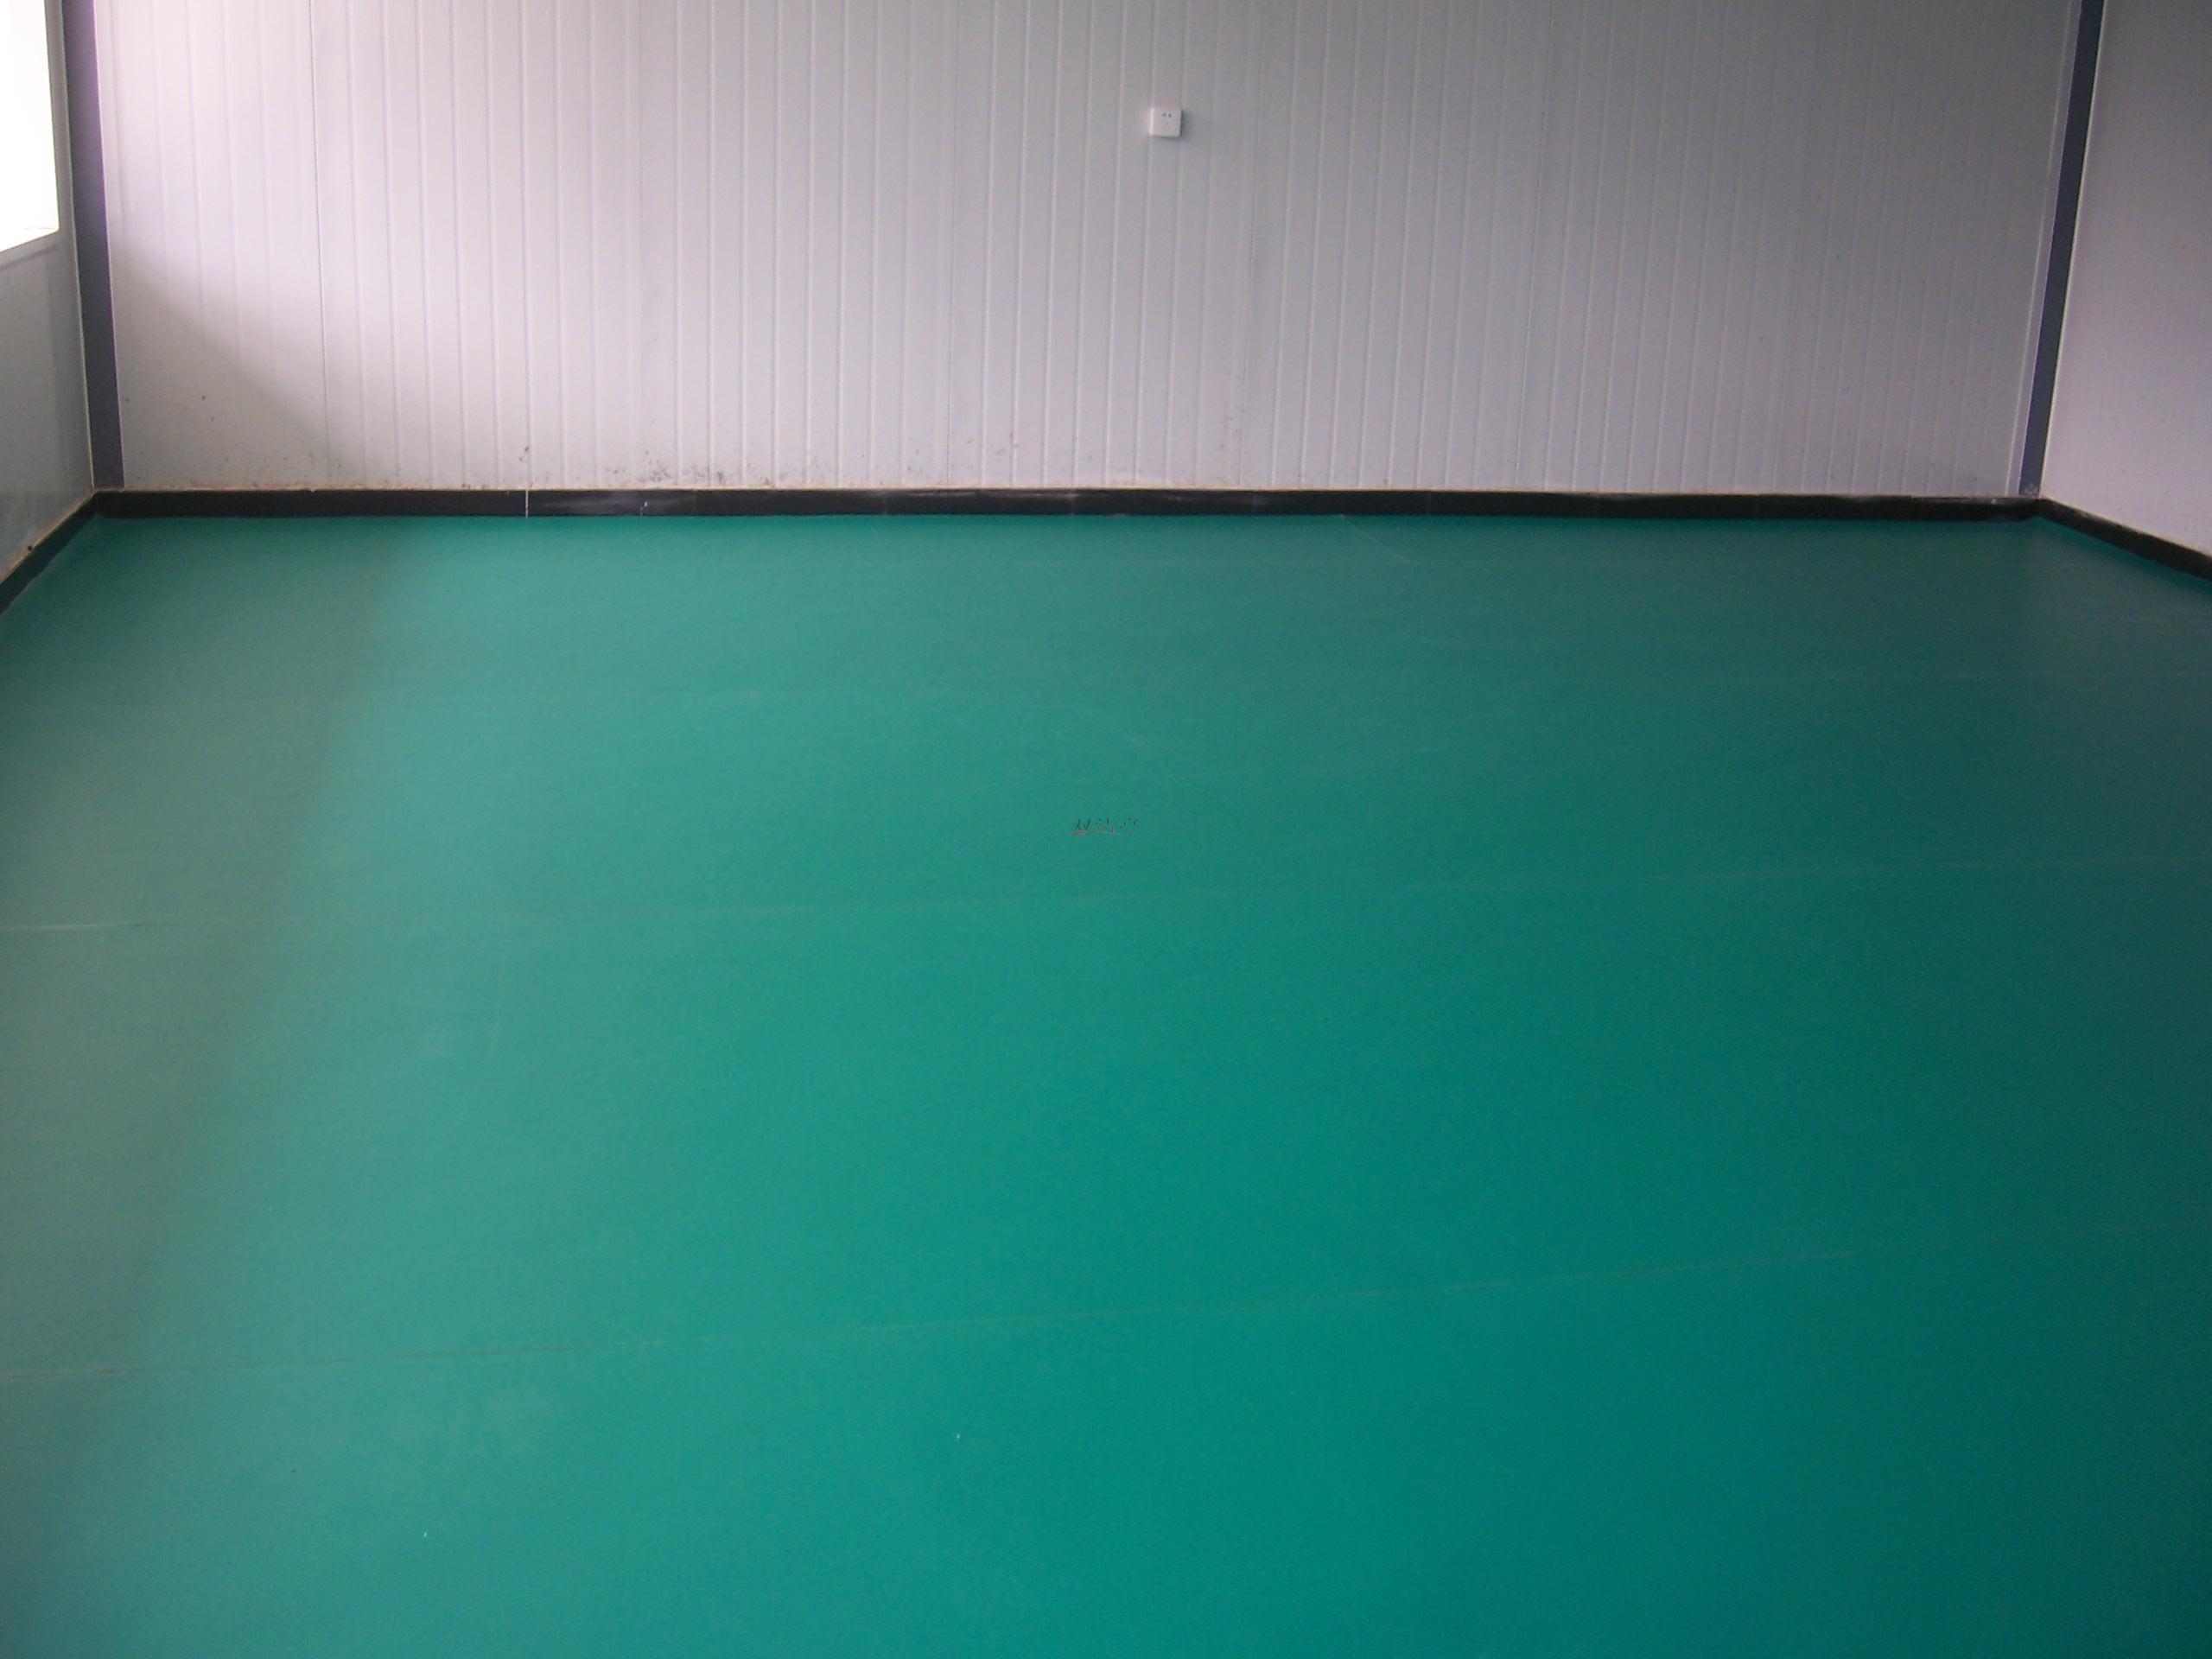 健身房舞蹈房活动中心专用地板